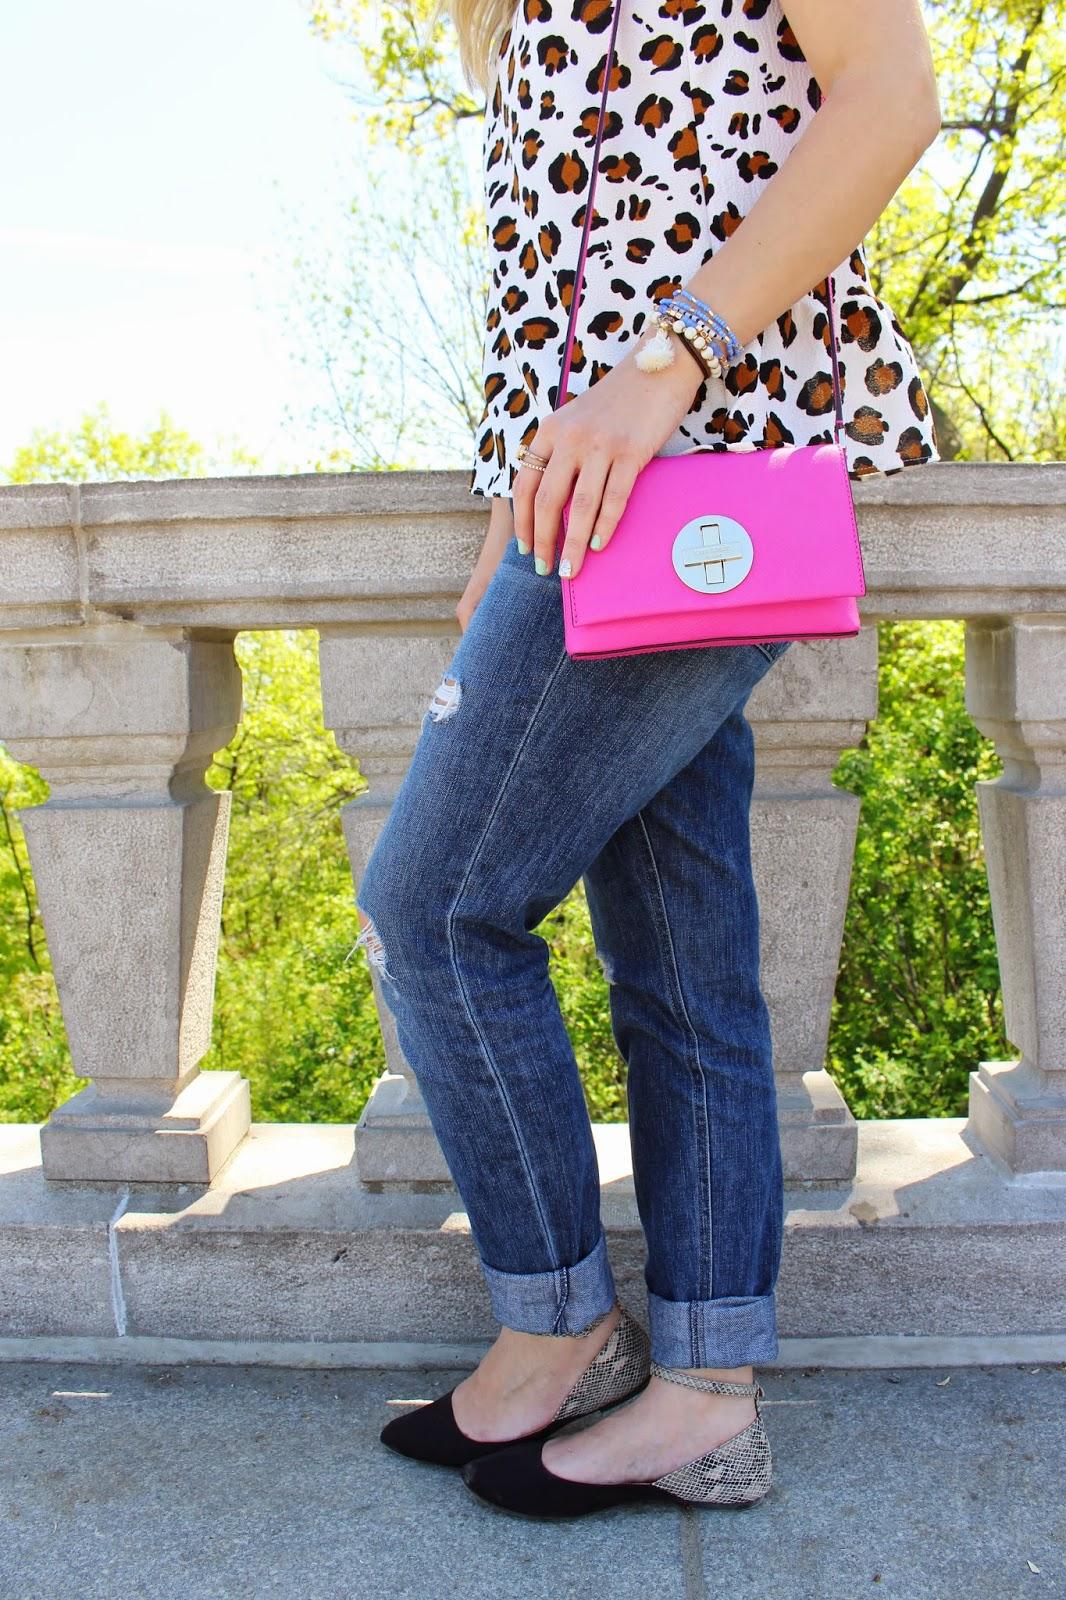 bijuleni - Kate Spade hot pink handbag